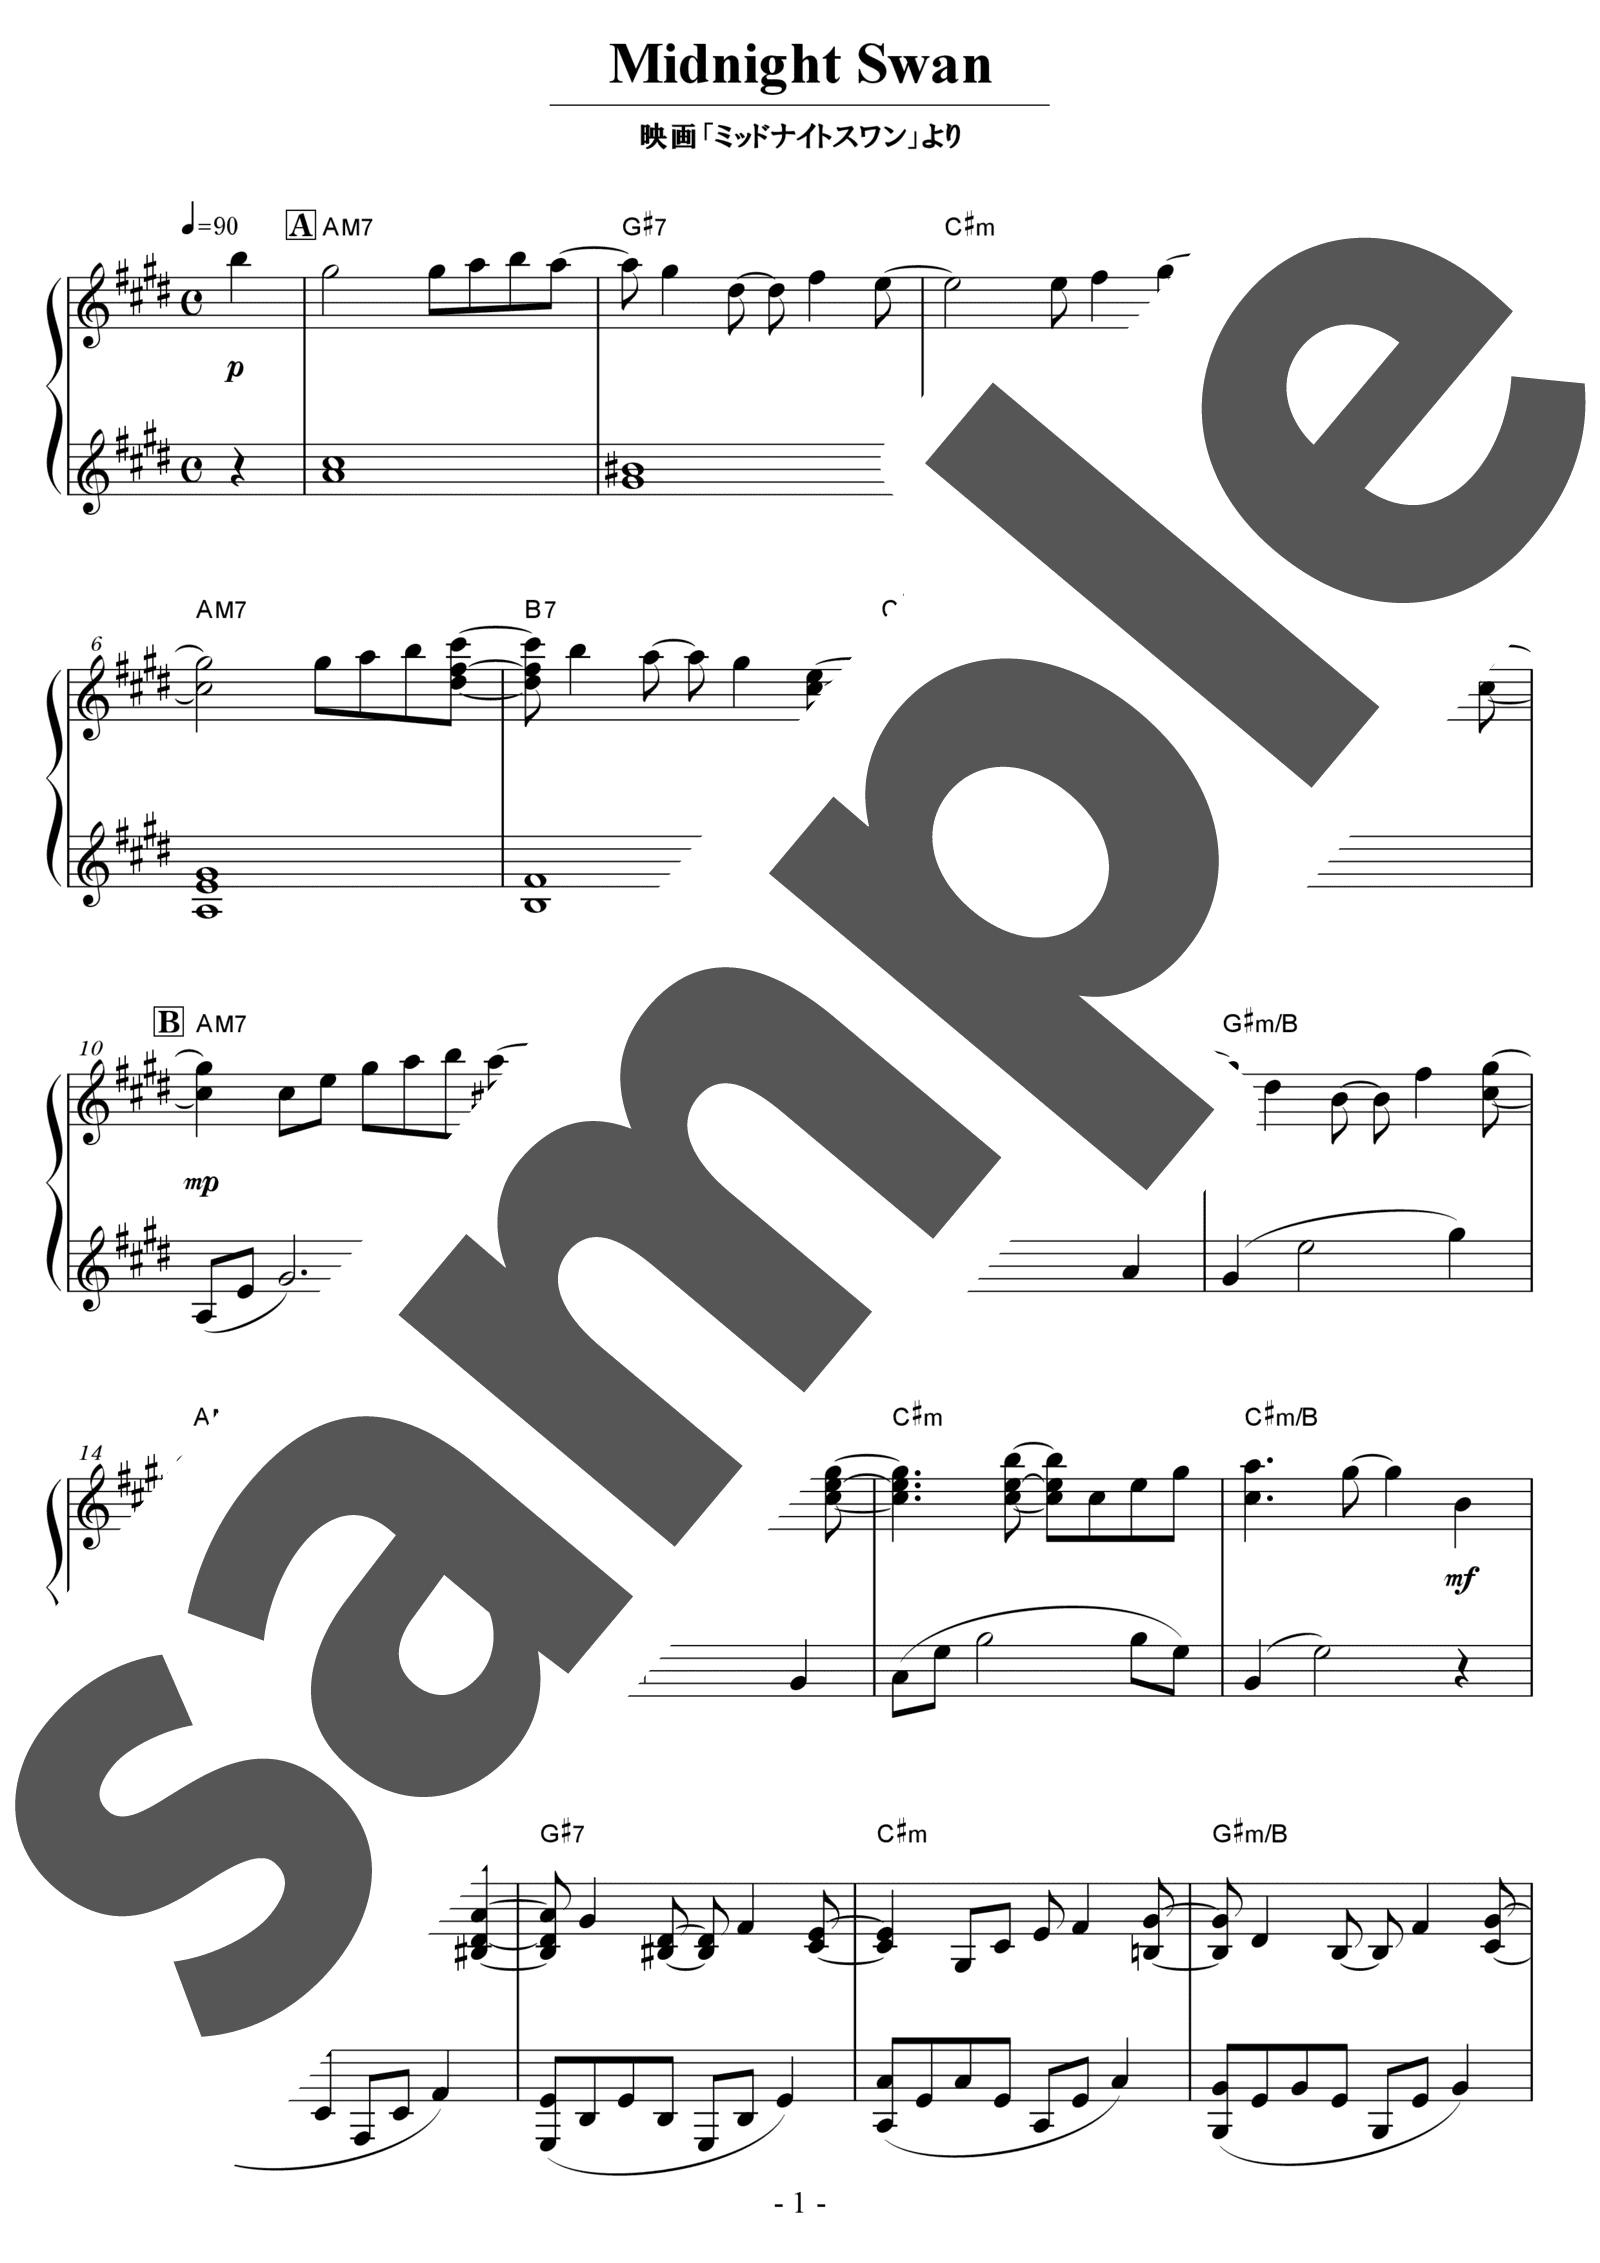 「Midnight Swan」のサンプル楽譜